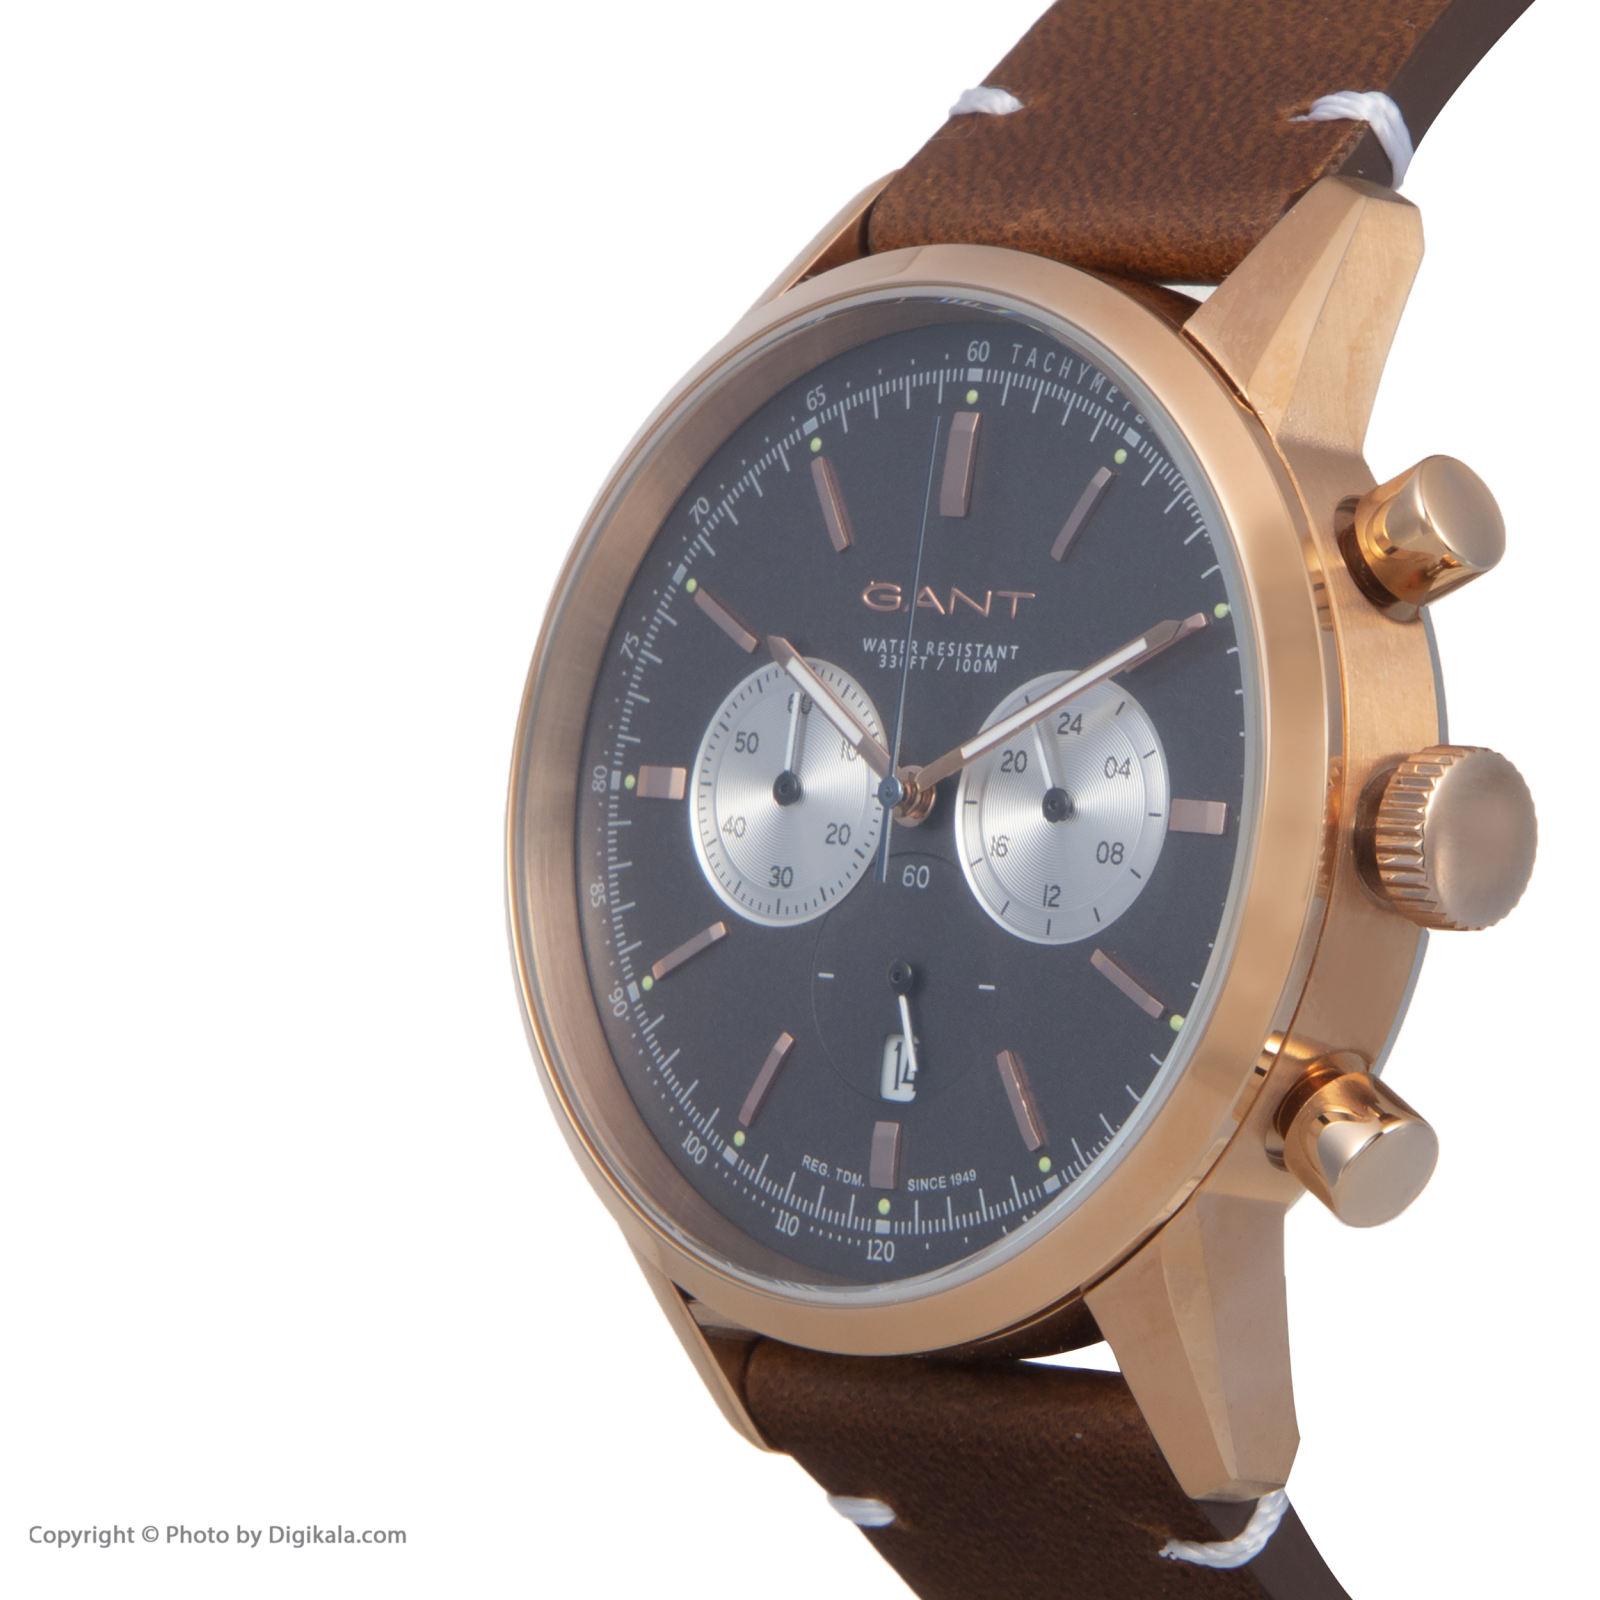 ساعت مچی عقربه ای مردانه گنت مدل GWW064005 -  - 5